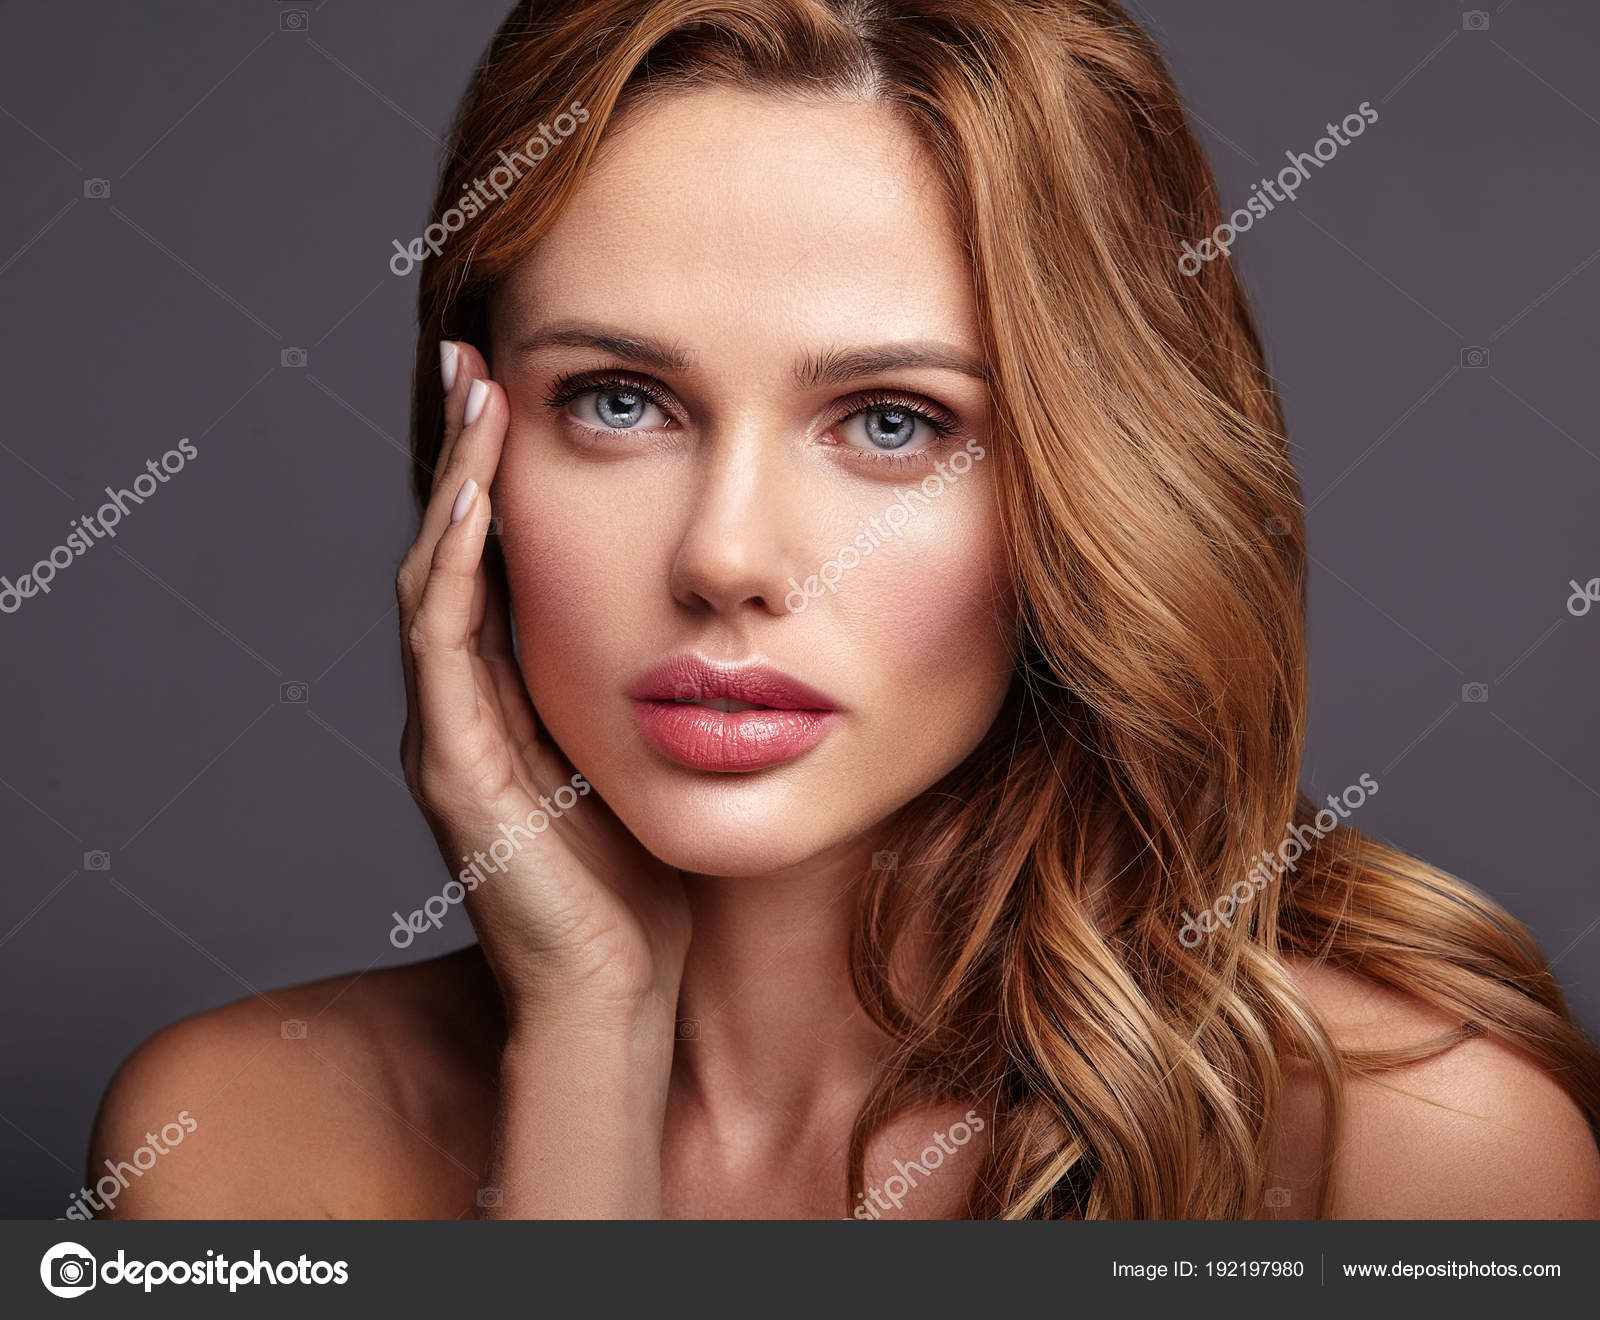 Işıltılı Doğal Makyaj için Harika Model